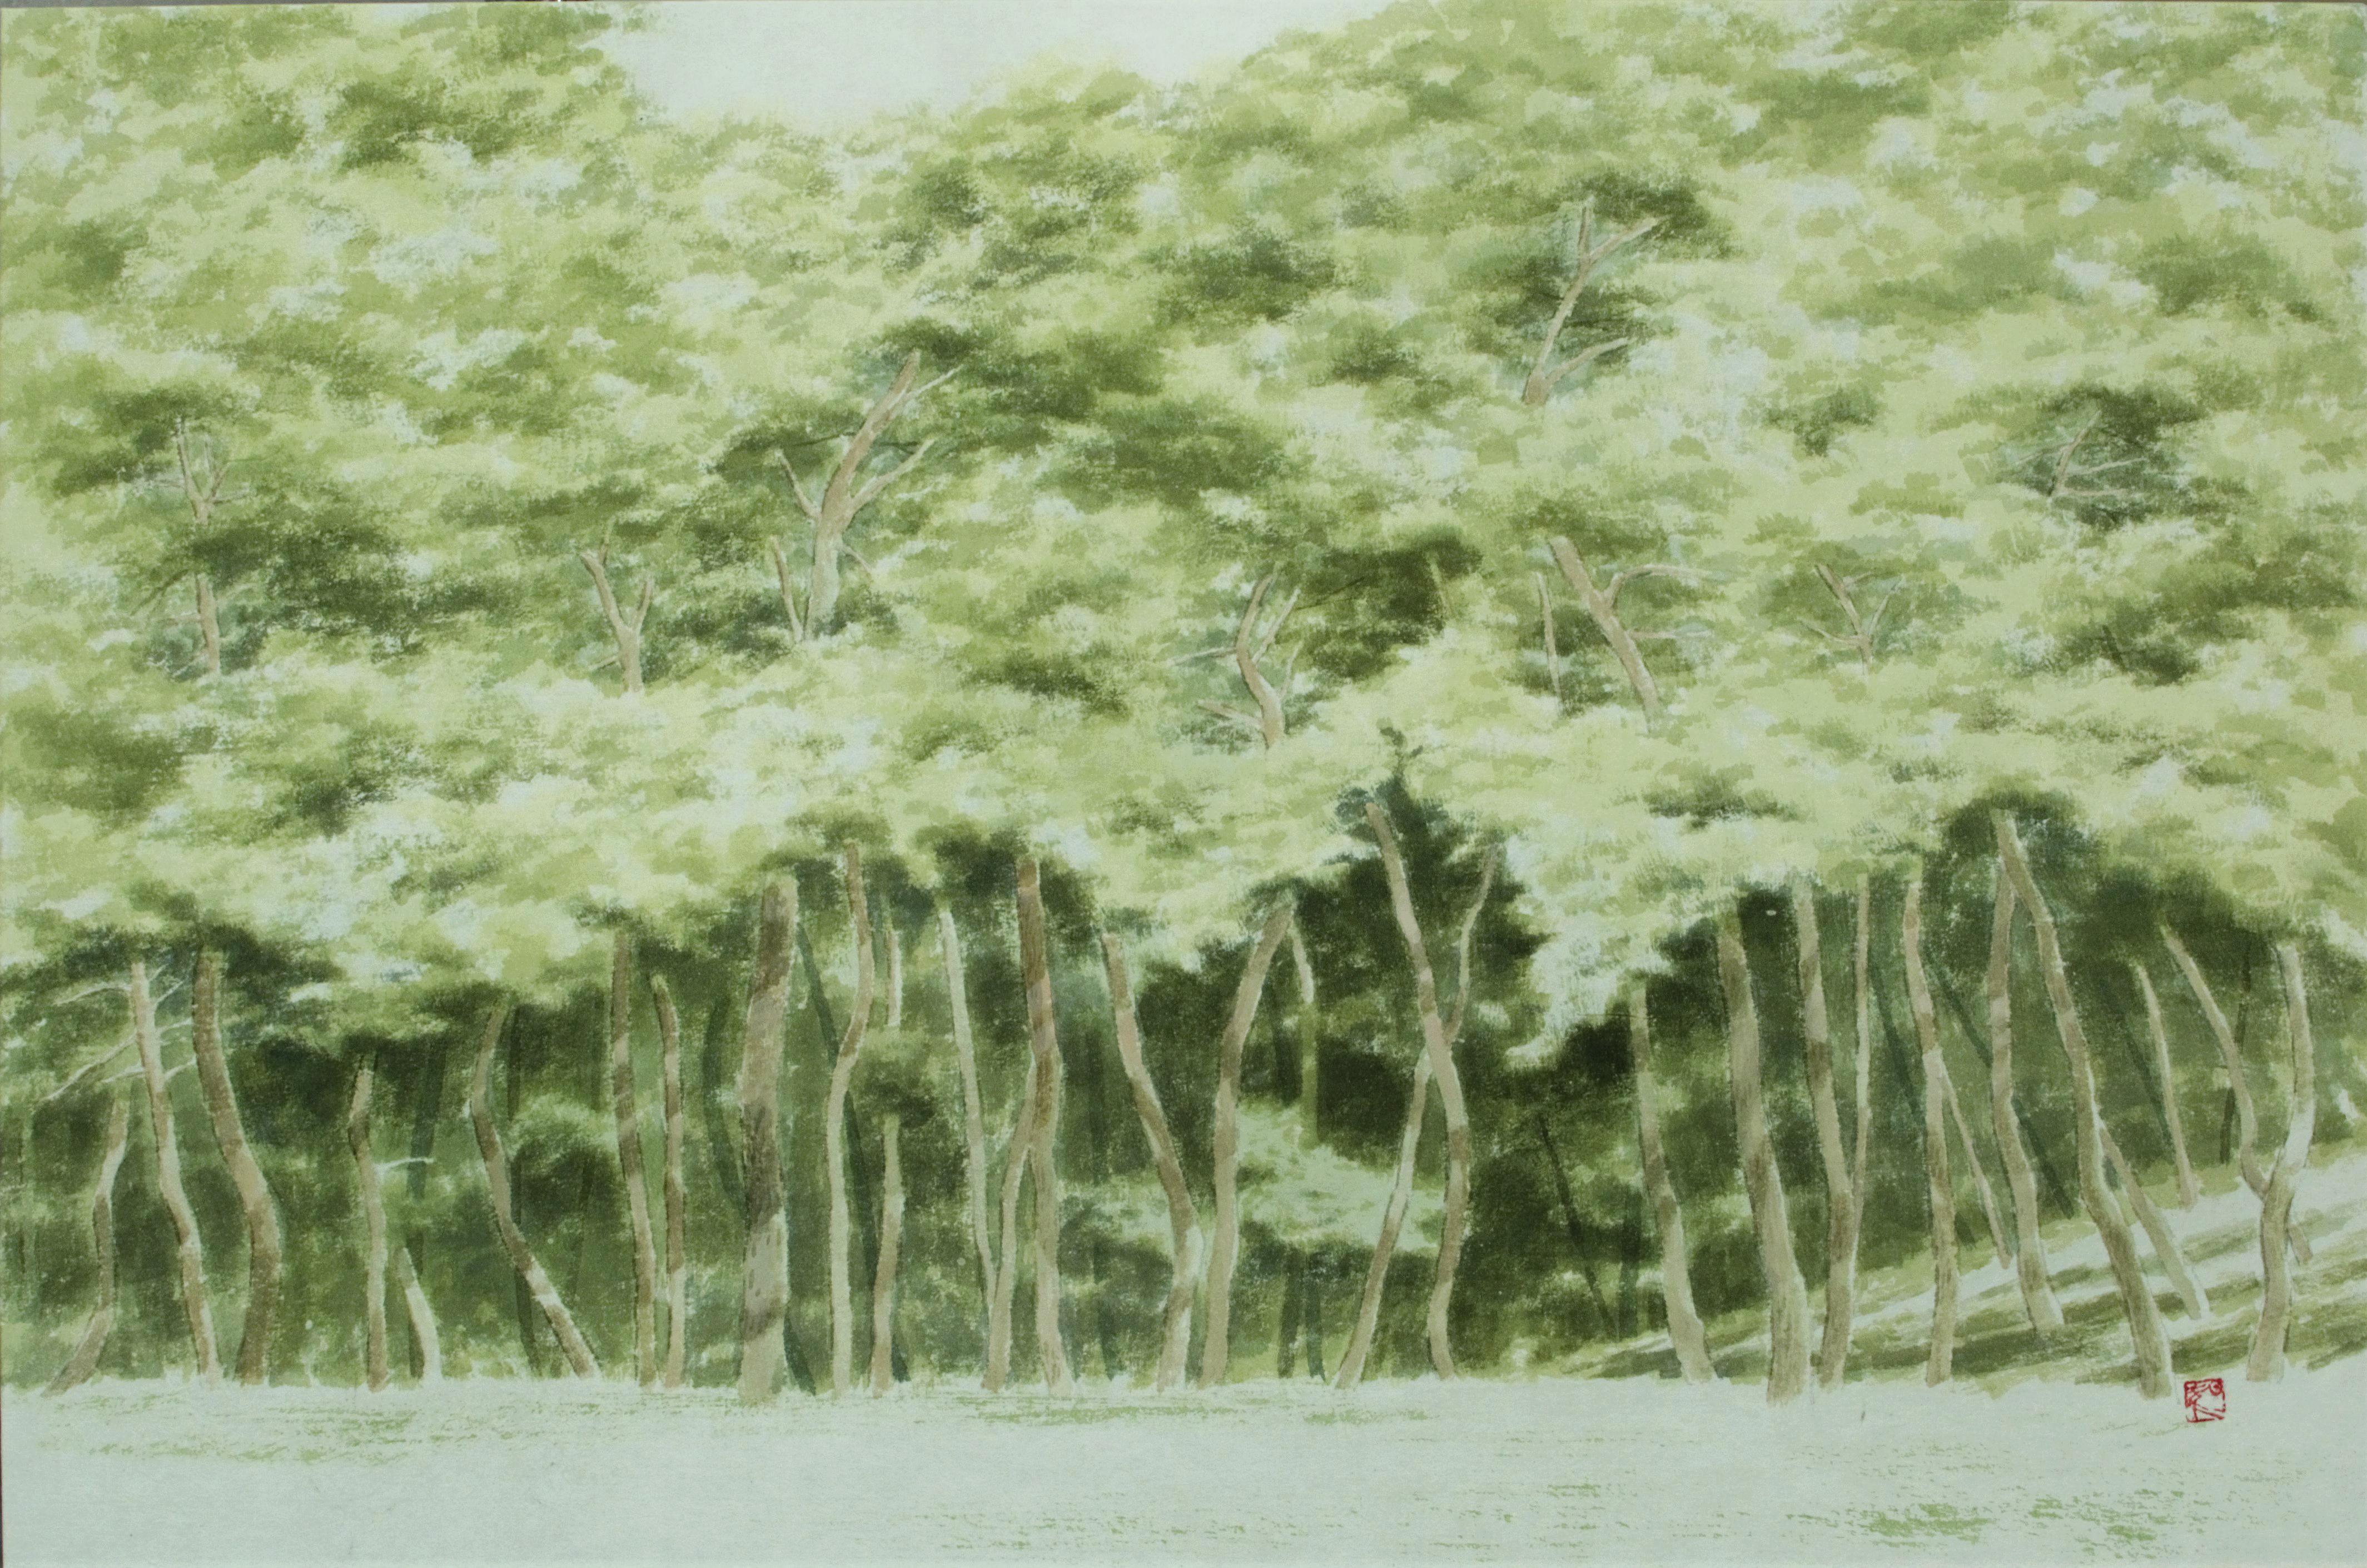 송승호1, 눈이 부시게 푸르른 날, 53 x 35 cm, 한지에 담채,